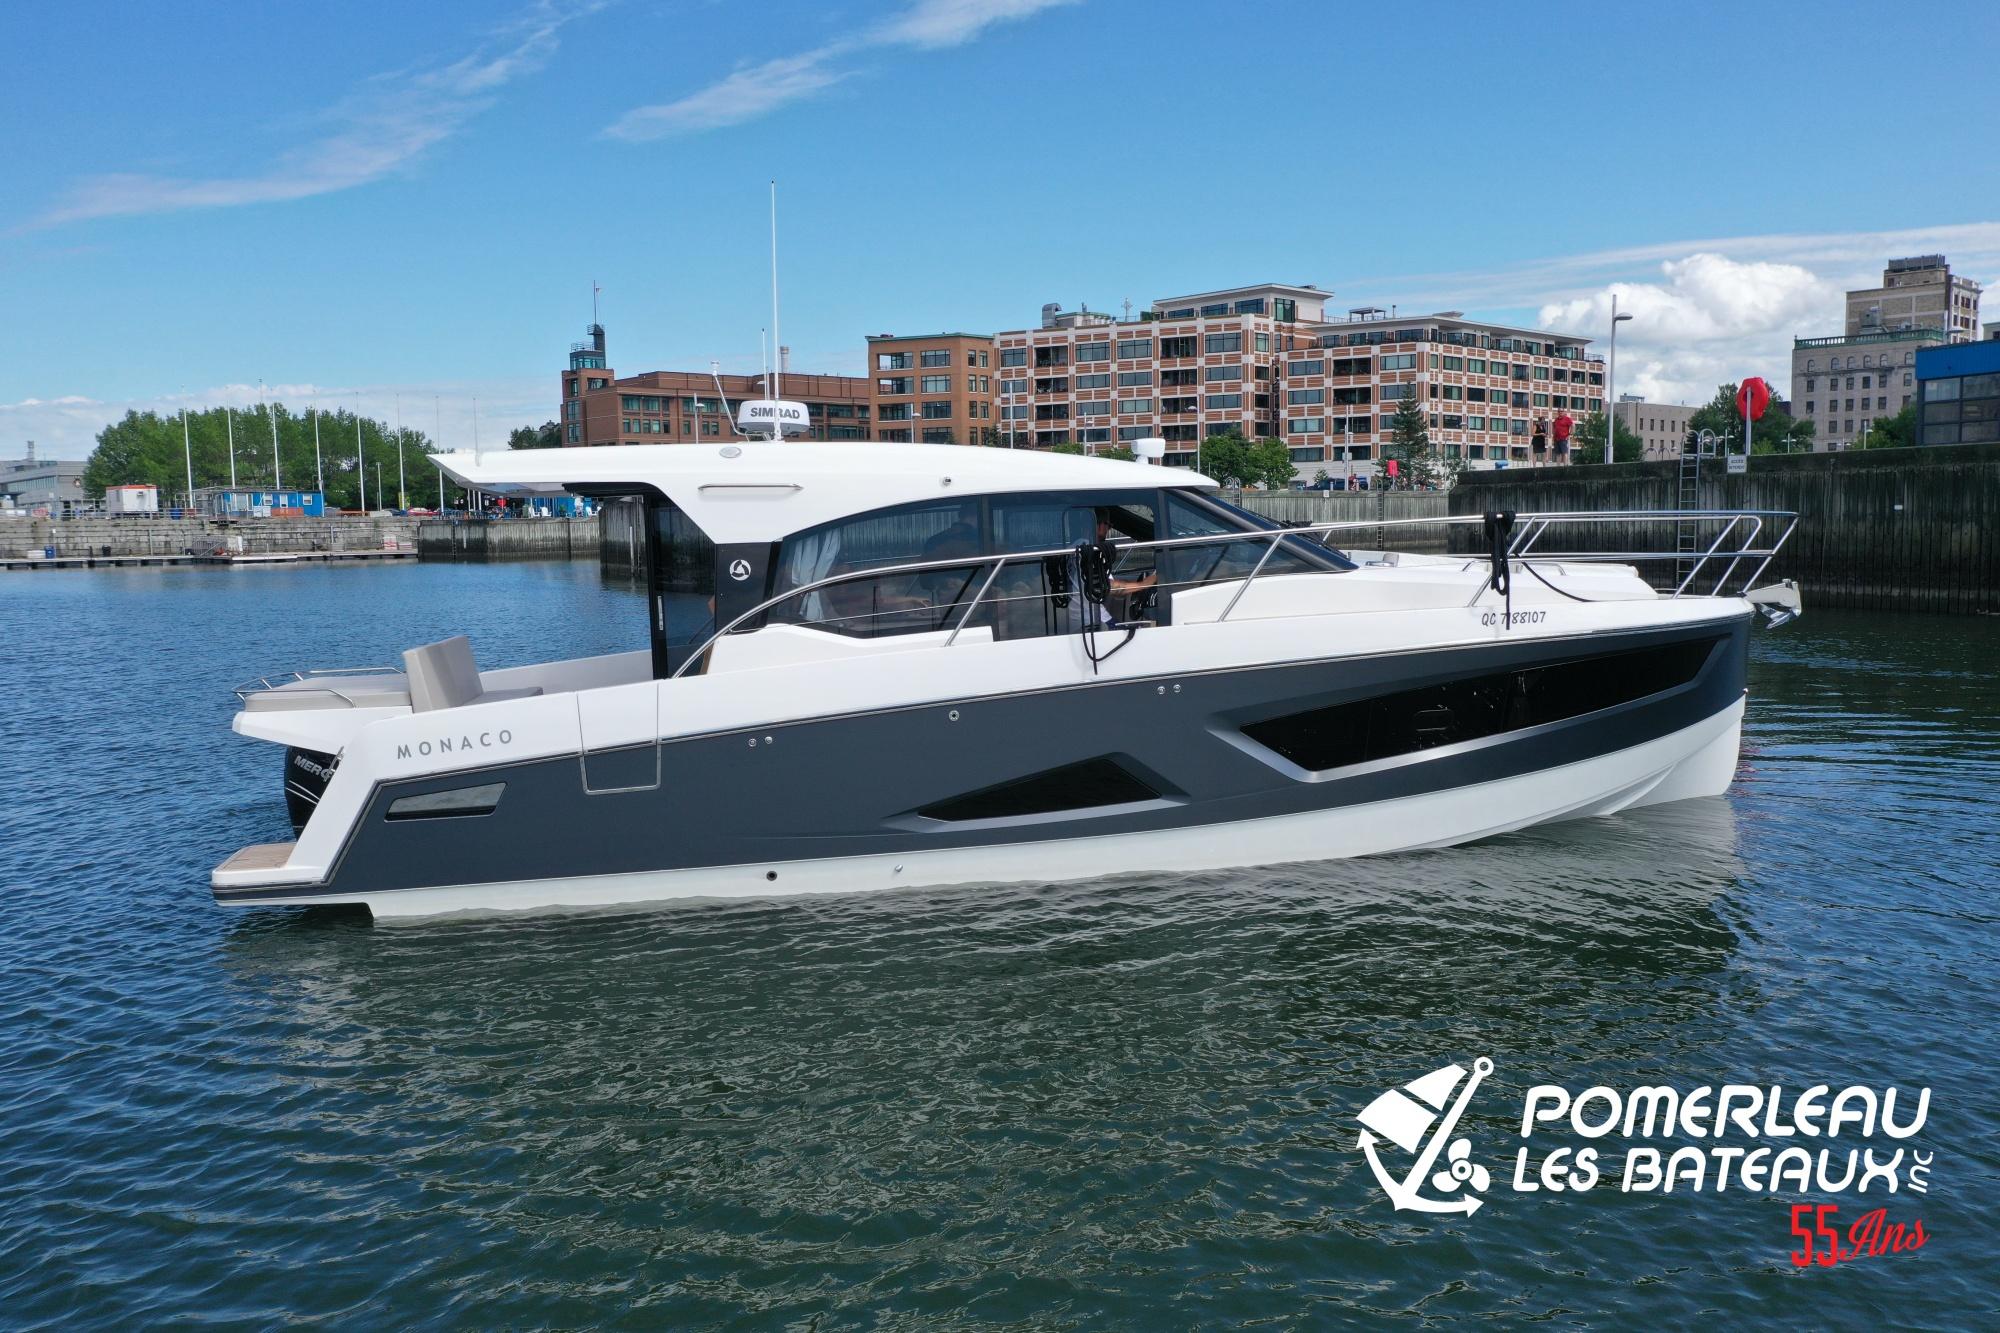 Parker Monaco - 9D7C5116B793F327FD8A56D9C25FC764 copie.jpeg